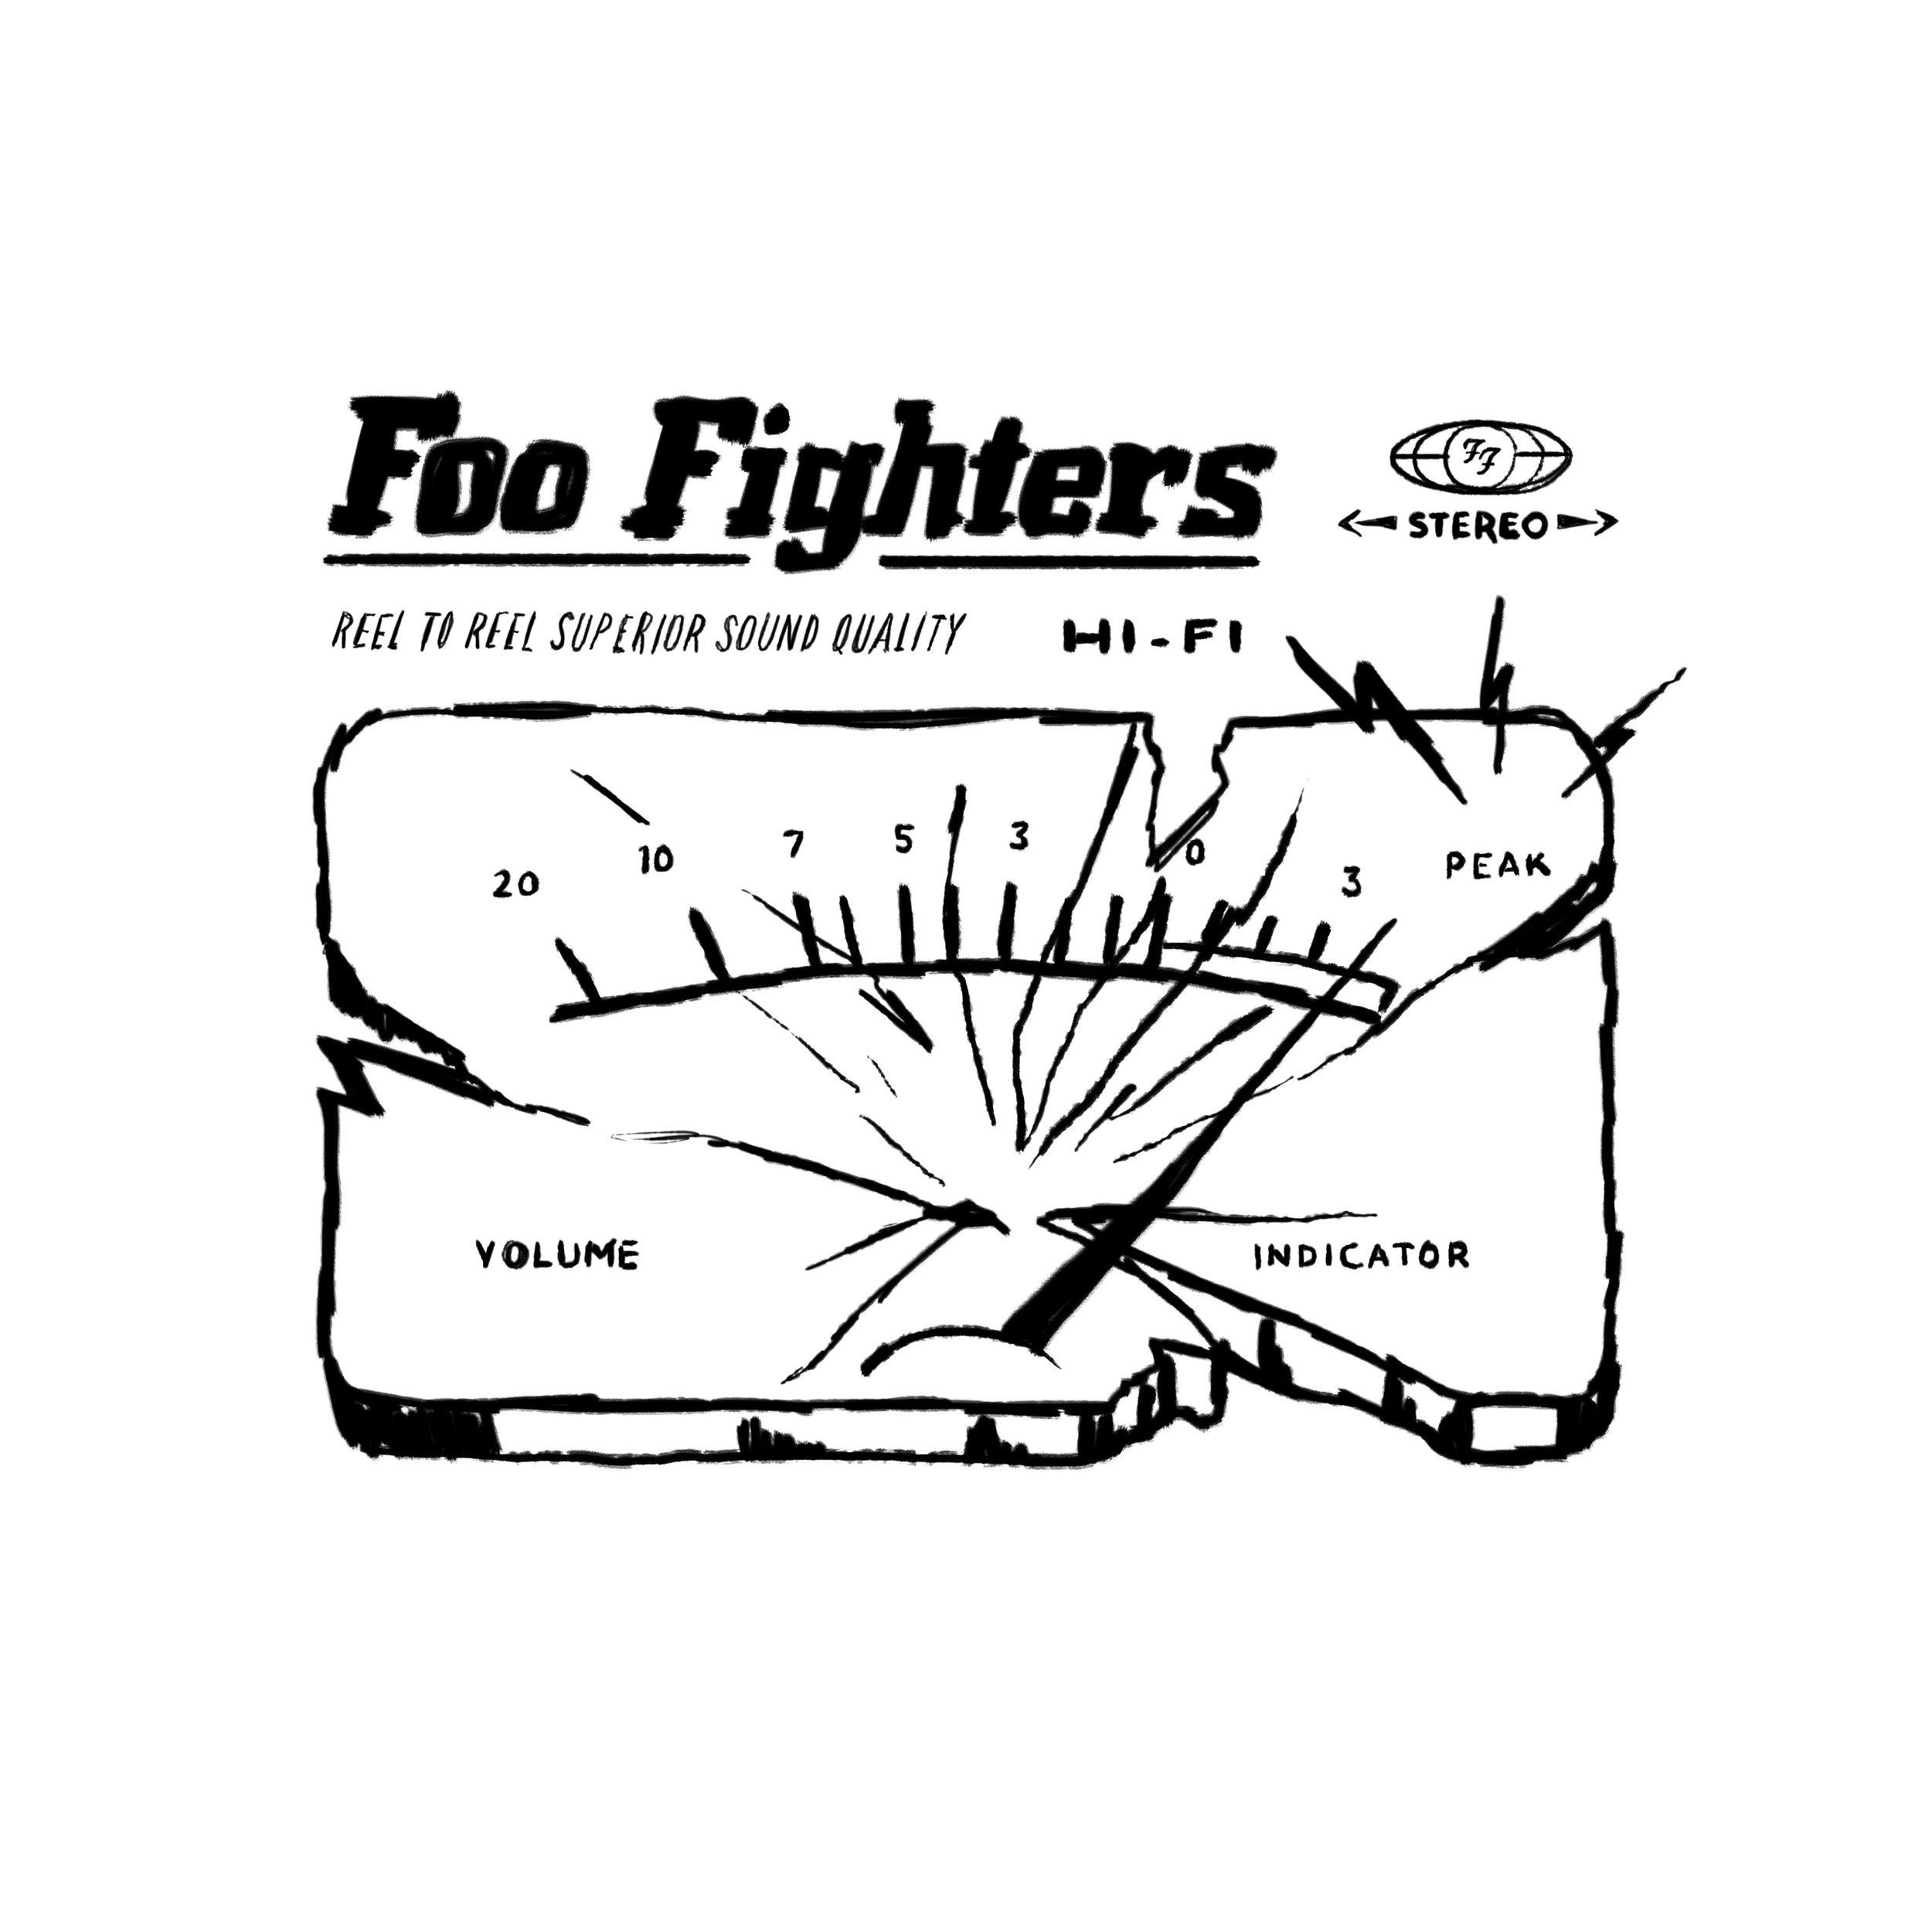 foo-fighters-hifi-sketch.jpg